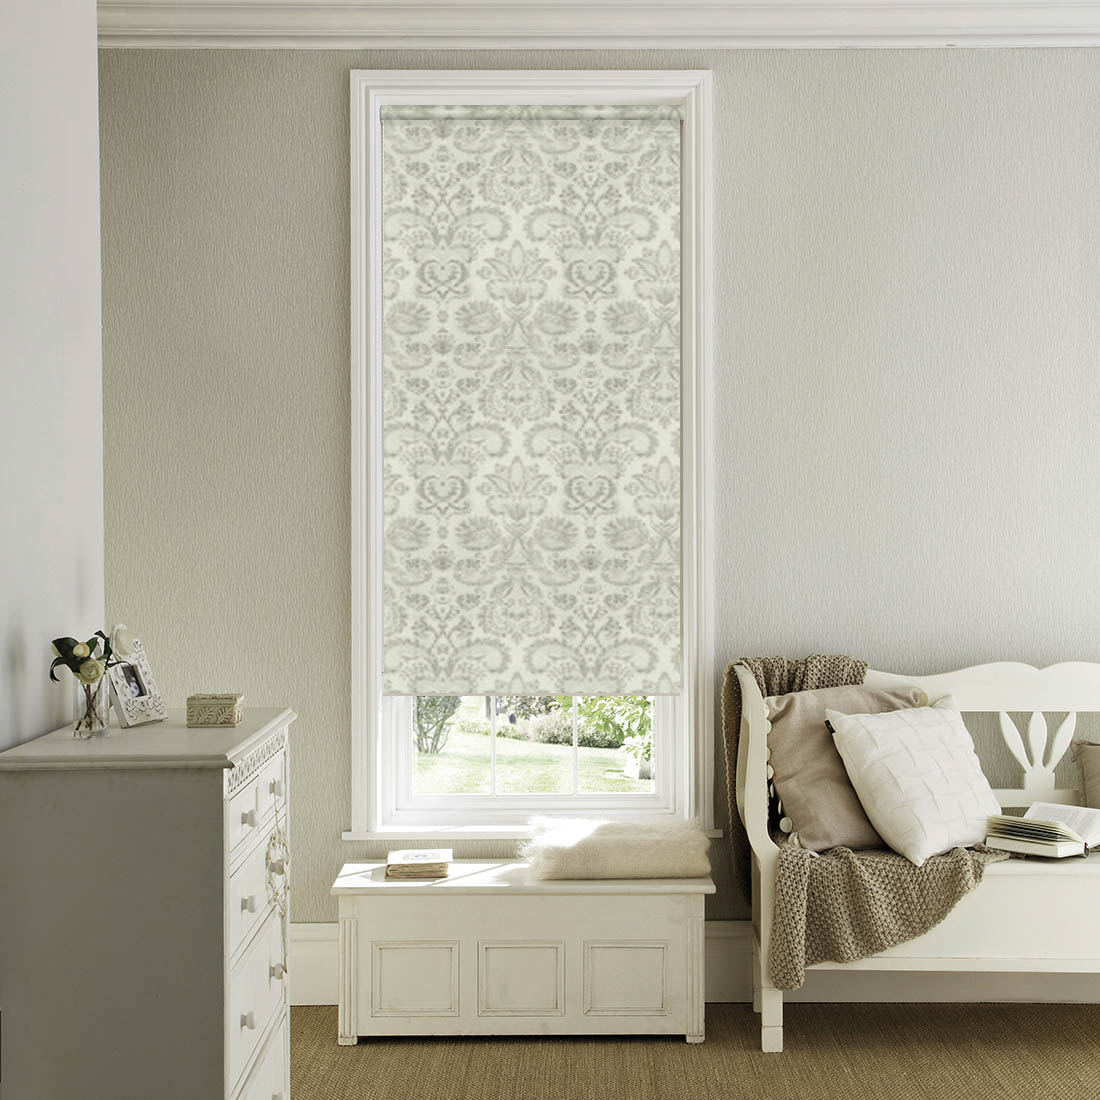 Купить Римские и рулонные шторы Dome, Миниролло Dome Design Цвет: Tiffany, Дания, Портьерная ткань